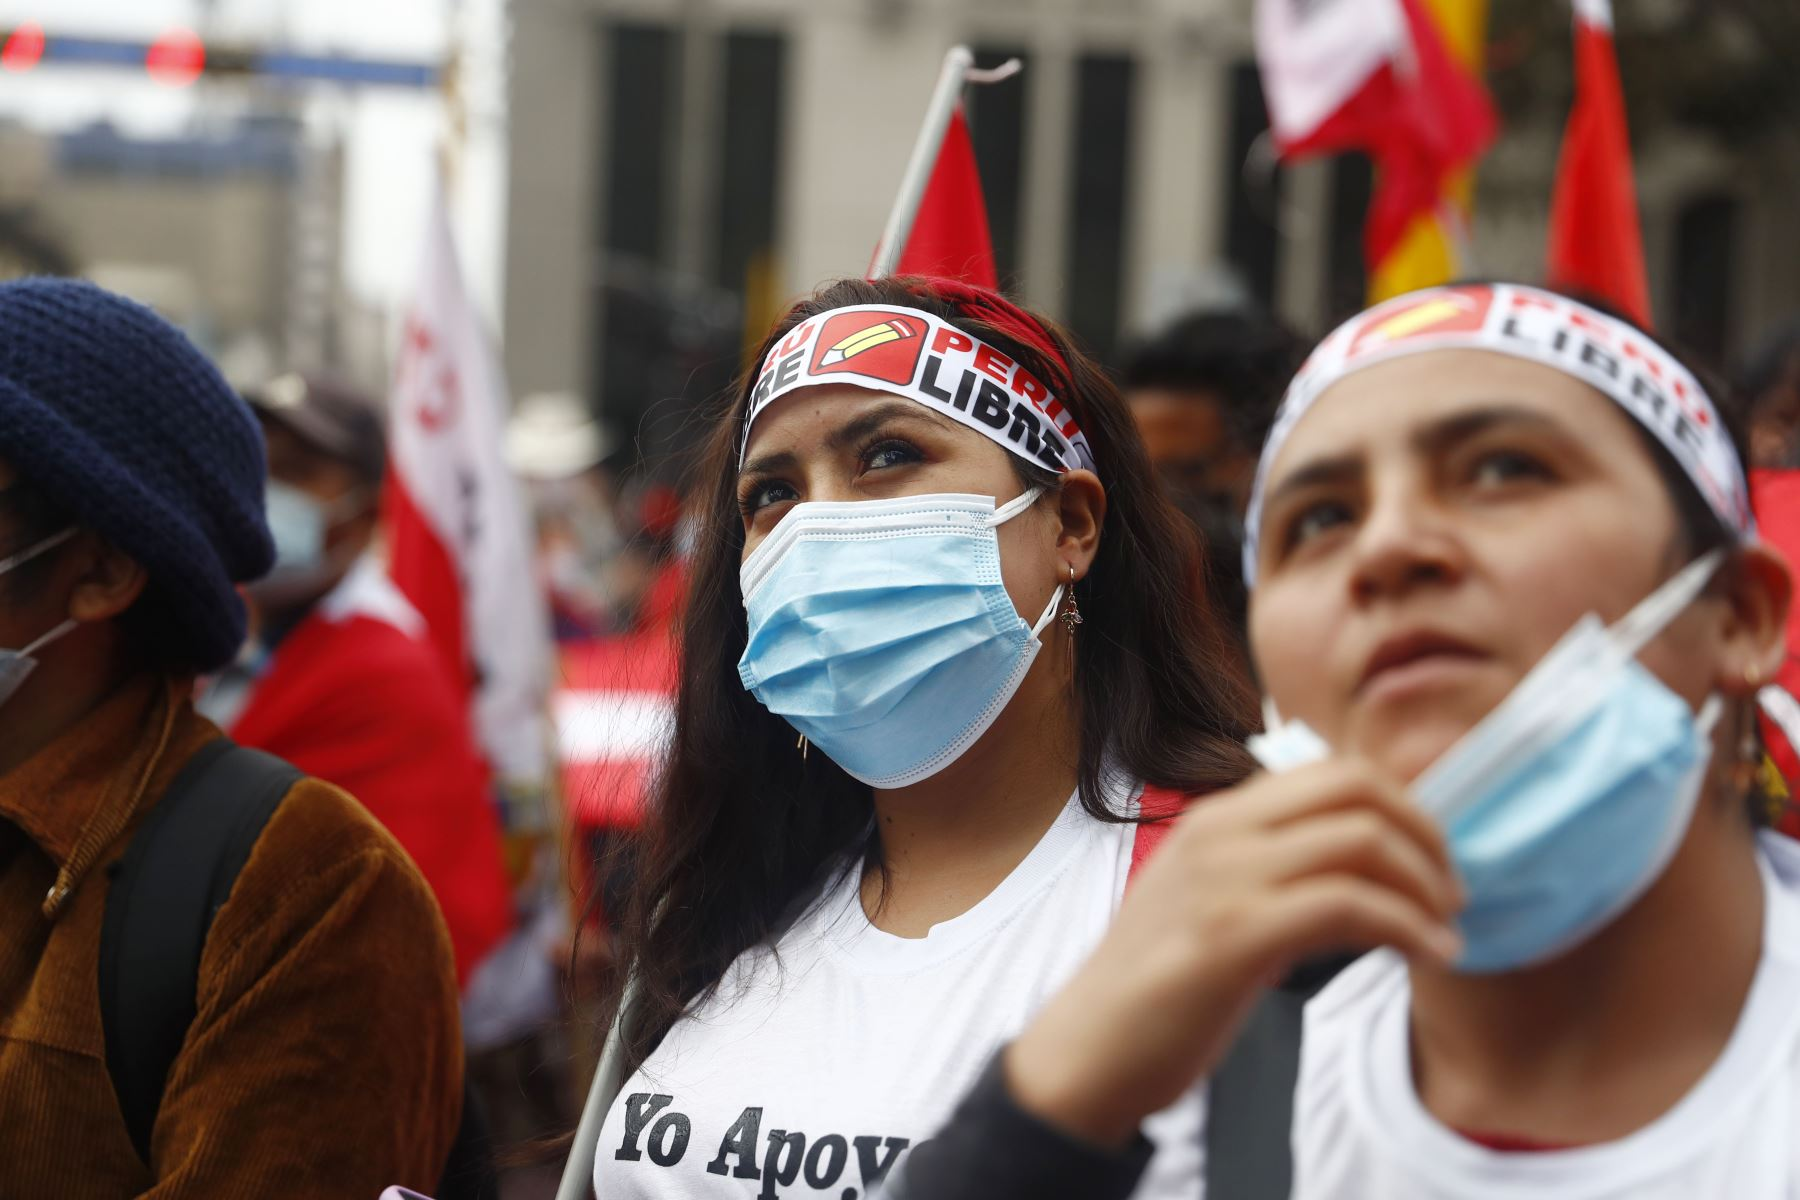 Partidarios de Perú Libre en apoyo al candidato Pedro Castillo. Foto: ANDINA/Renato Pajuelo